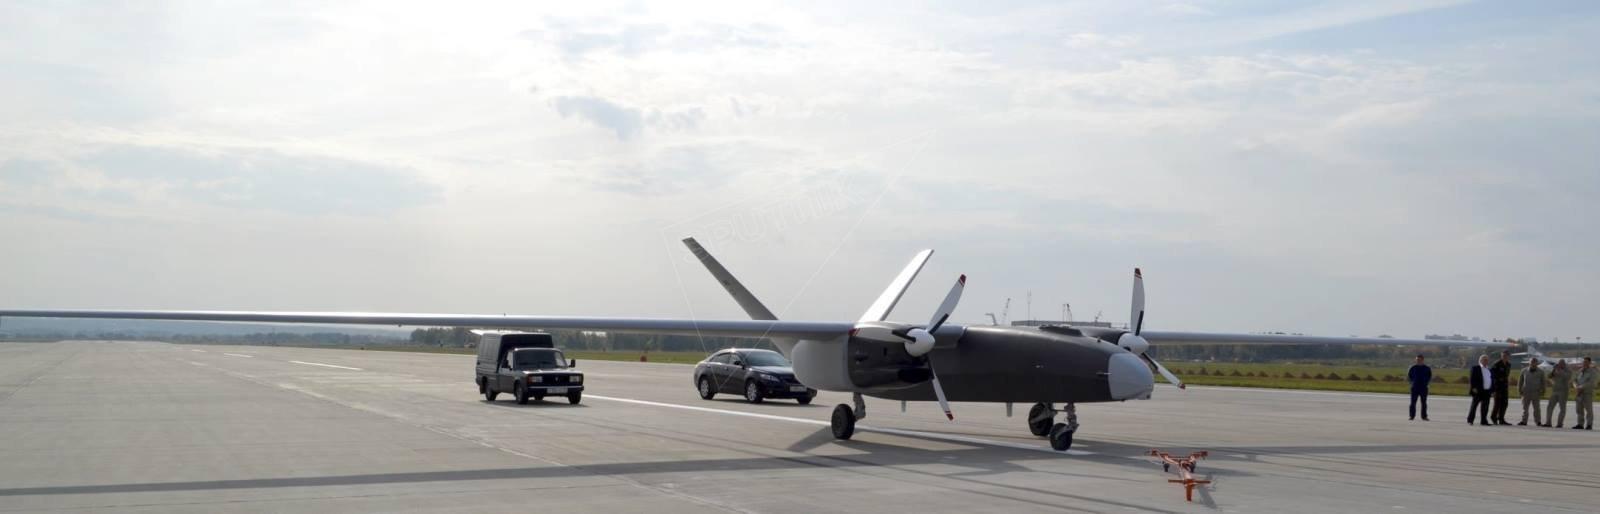 El prototipo del dron pesado ruso Altaír durante las pruebas de vuelo